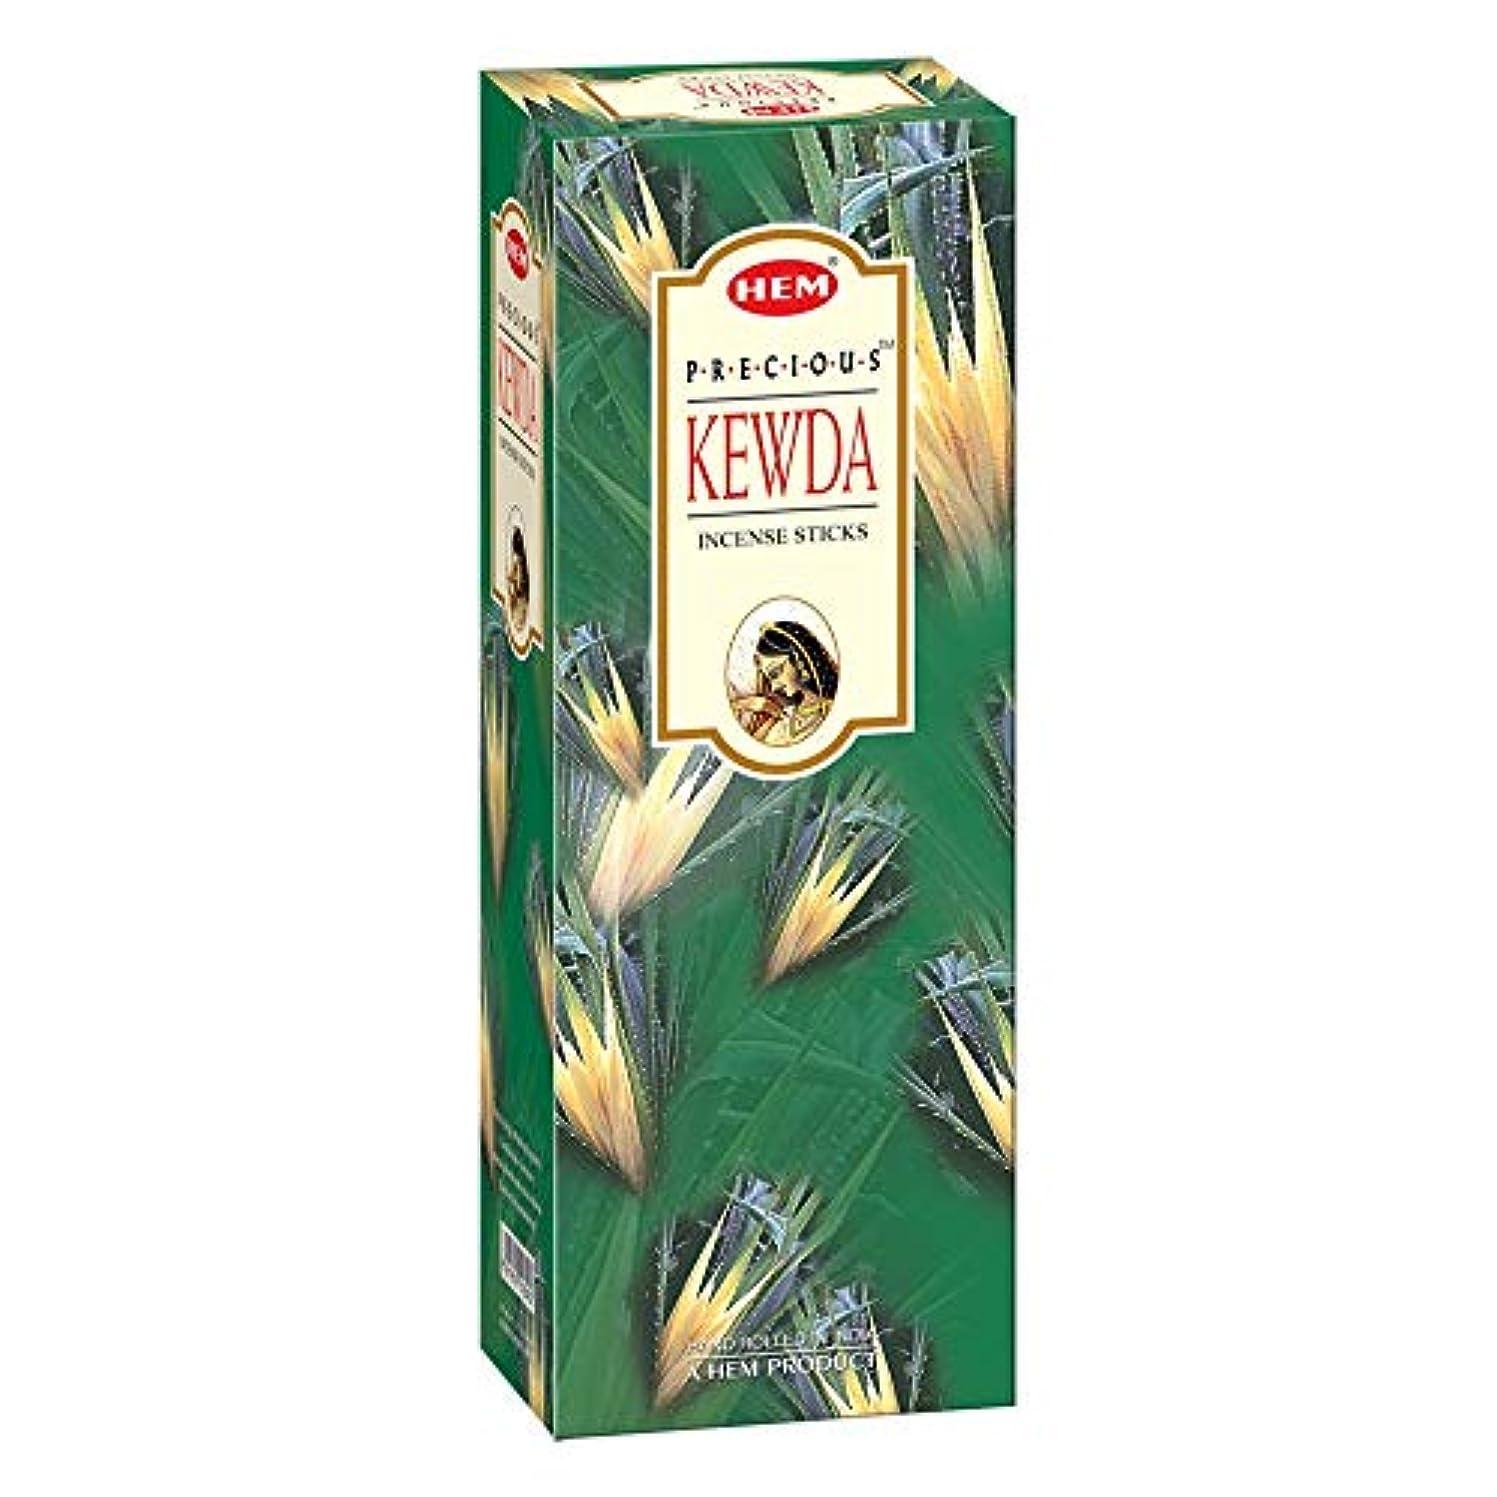 局作ります閉塞Hem Precious Kewda Incense Sticks(9.3 cm X 6.0 cm X 25.5cm, Black)